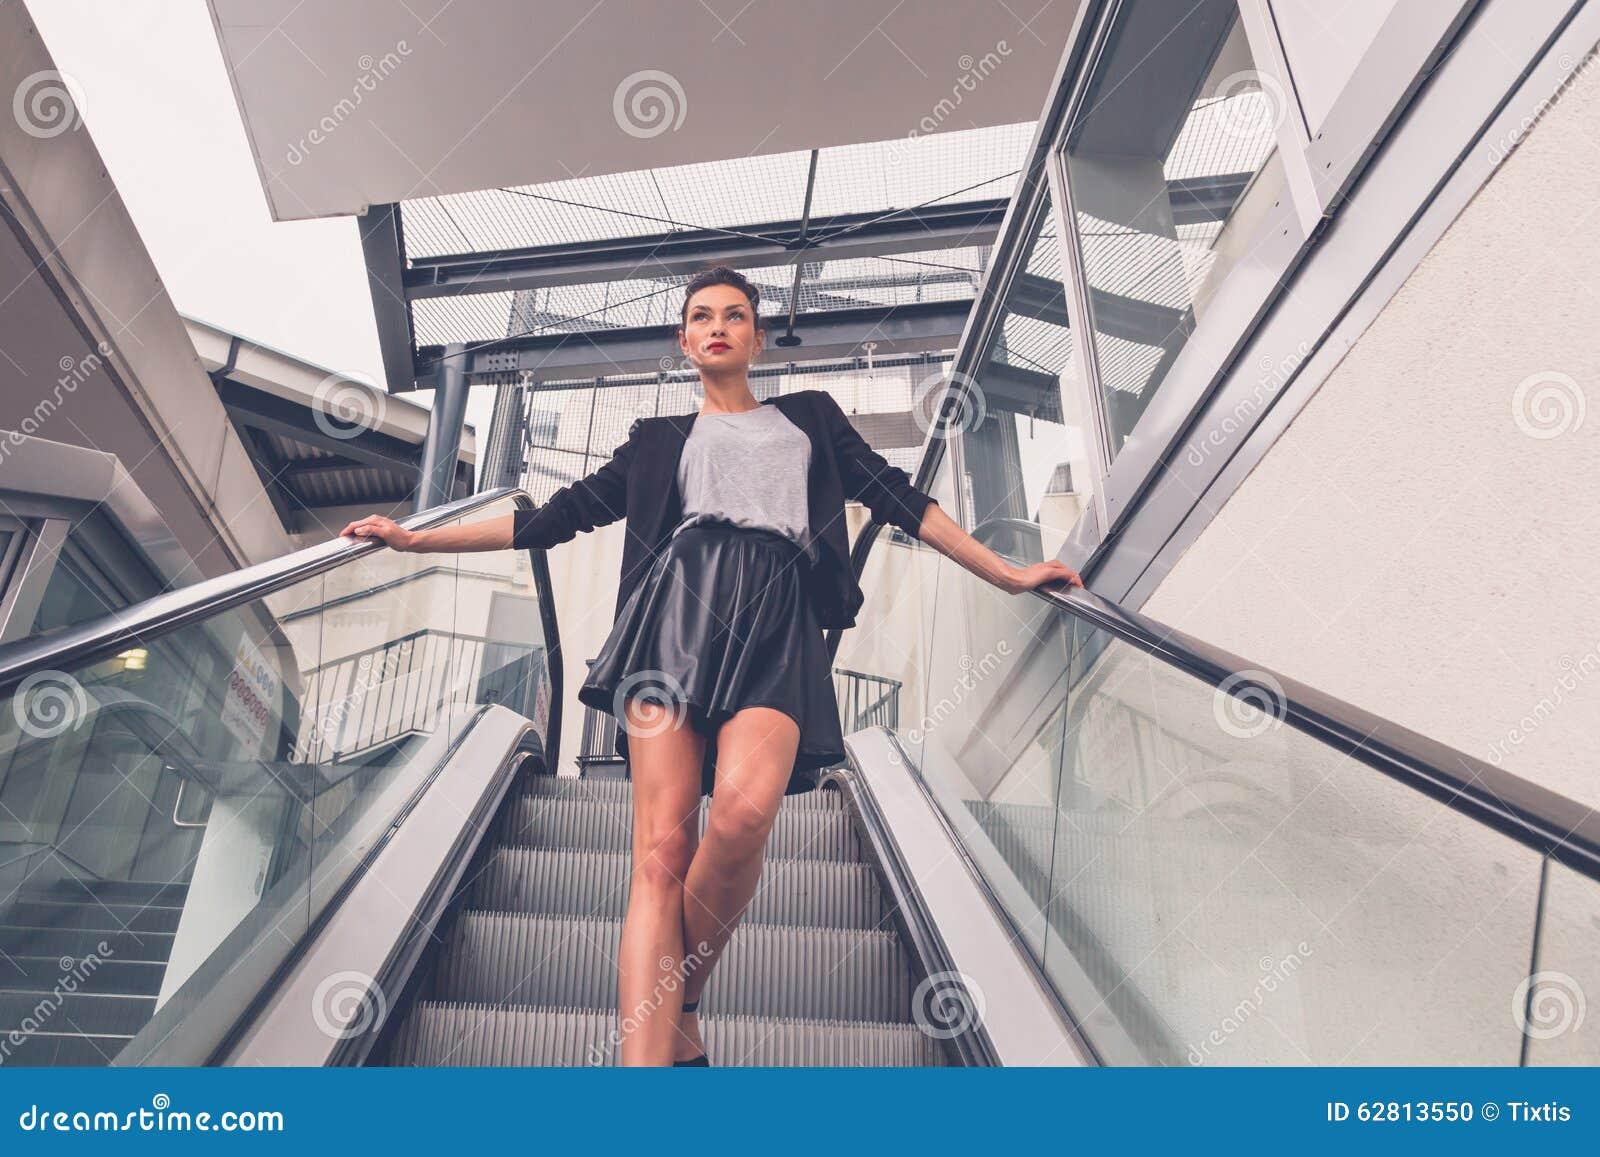 Девушек задирают юбки на эскалаторе фото 343-308